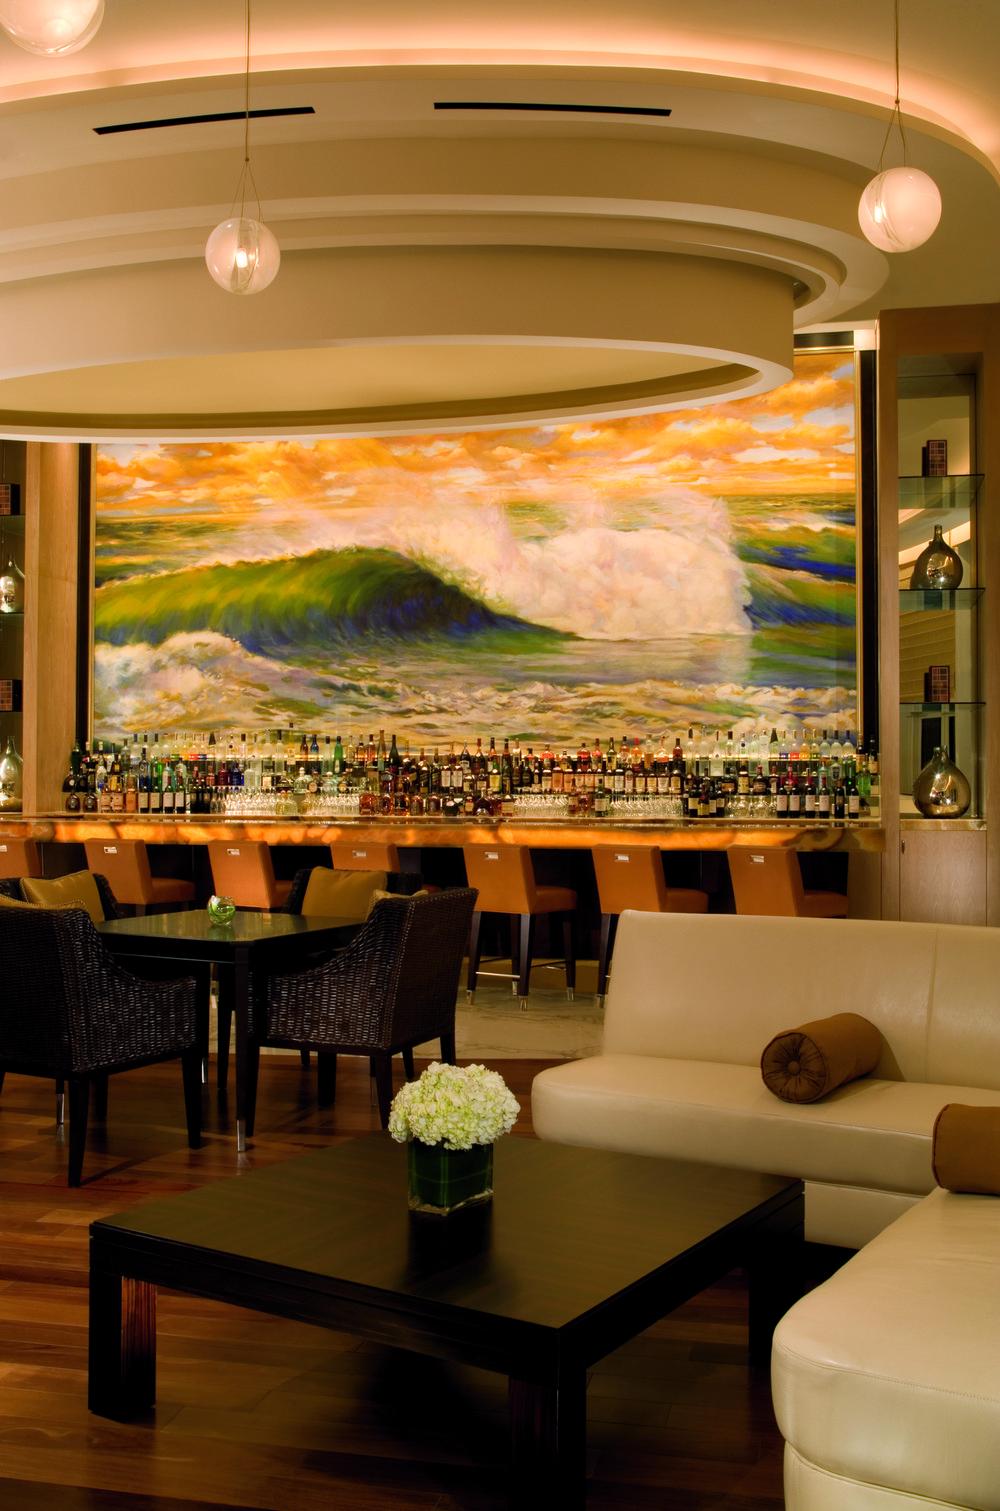 Отель Ритц-Карлтон Форт Лодердейл . Фото№4